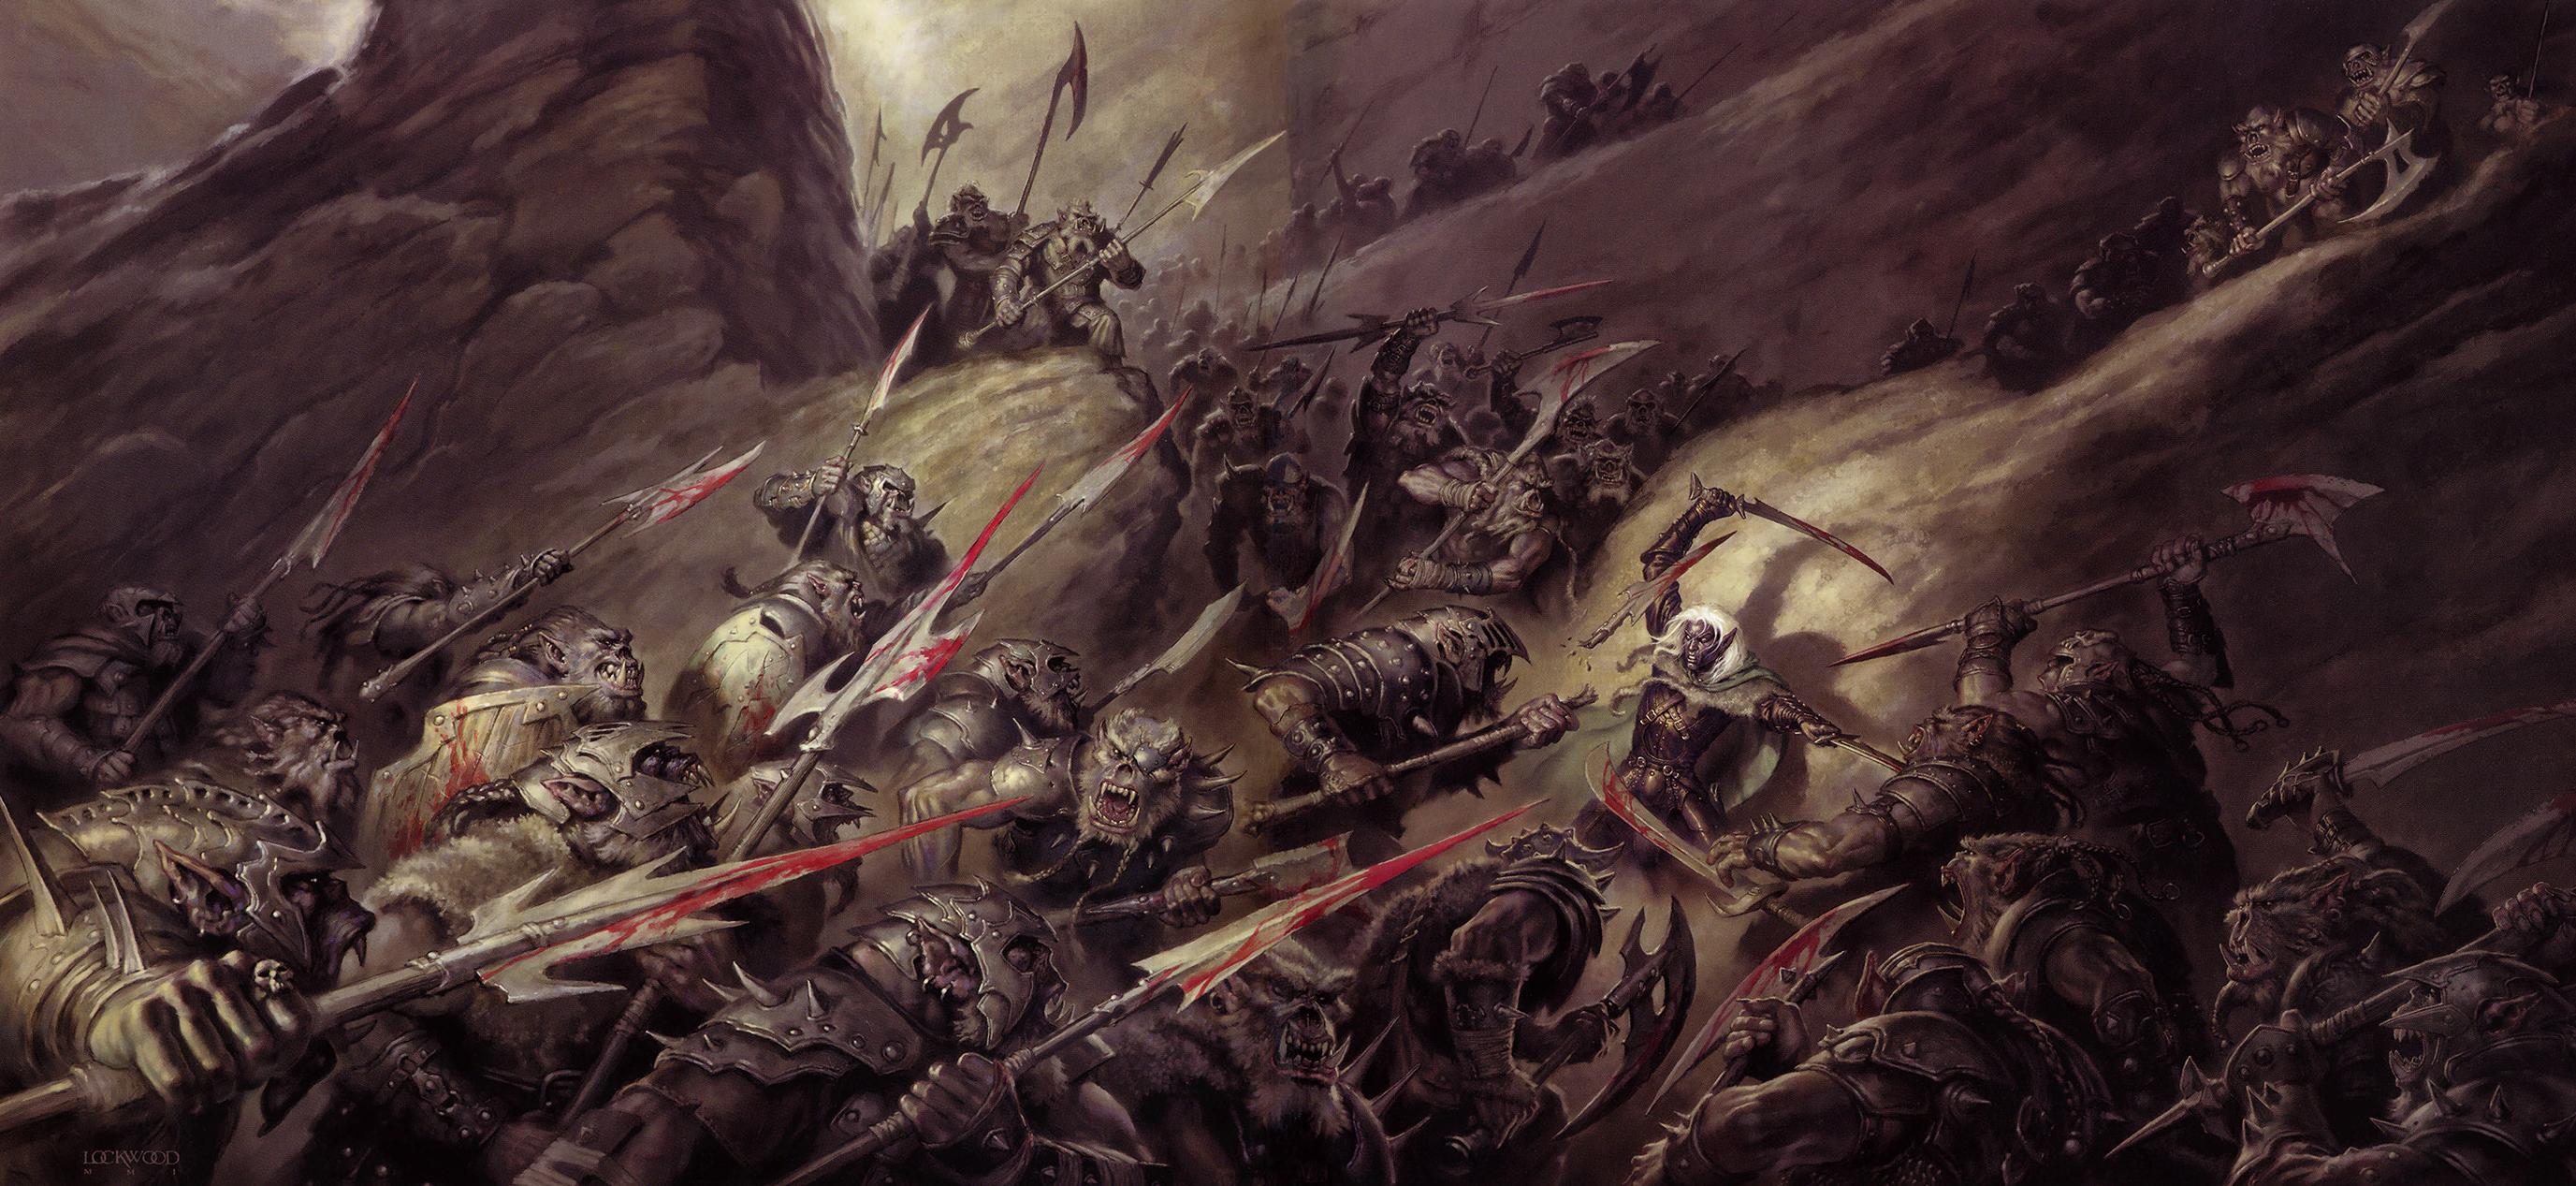 Fantasy Art Army Fire Castles Warriors - Ec Fe A Bcac Cc Aa